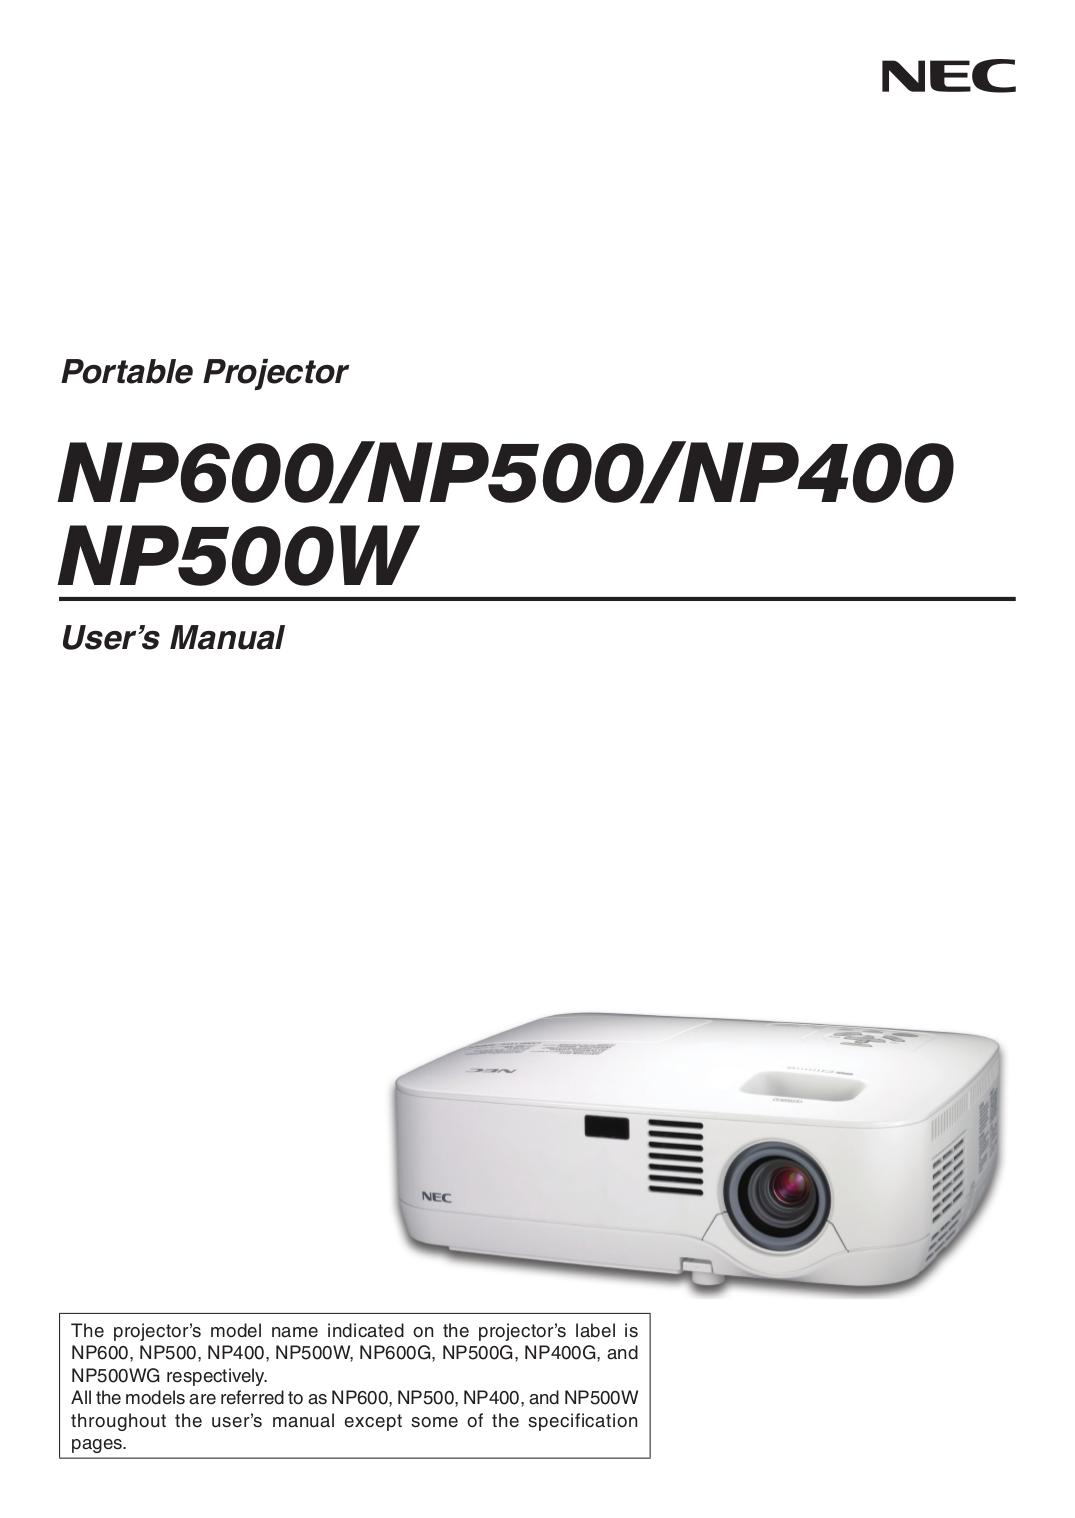 download free pdf for nec np500w projector manual rh umlib com Old NEC Projectors Cables Old NEC Projectors Cables